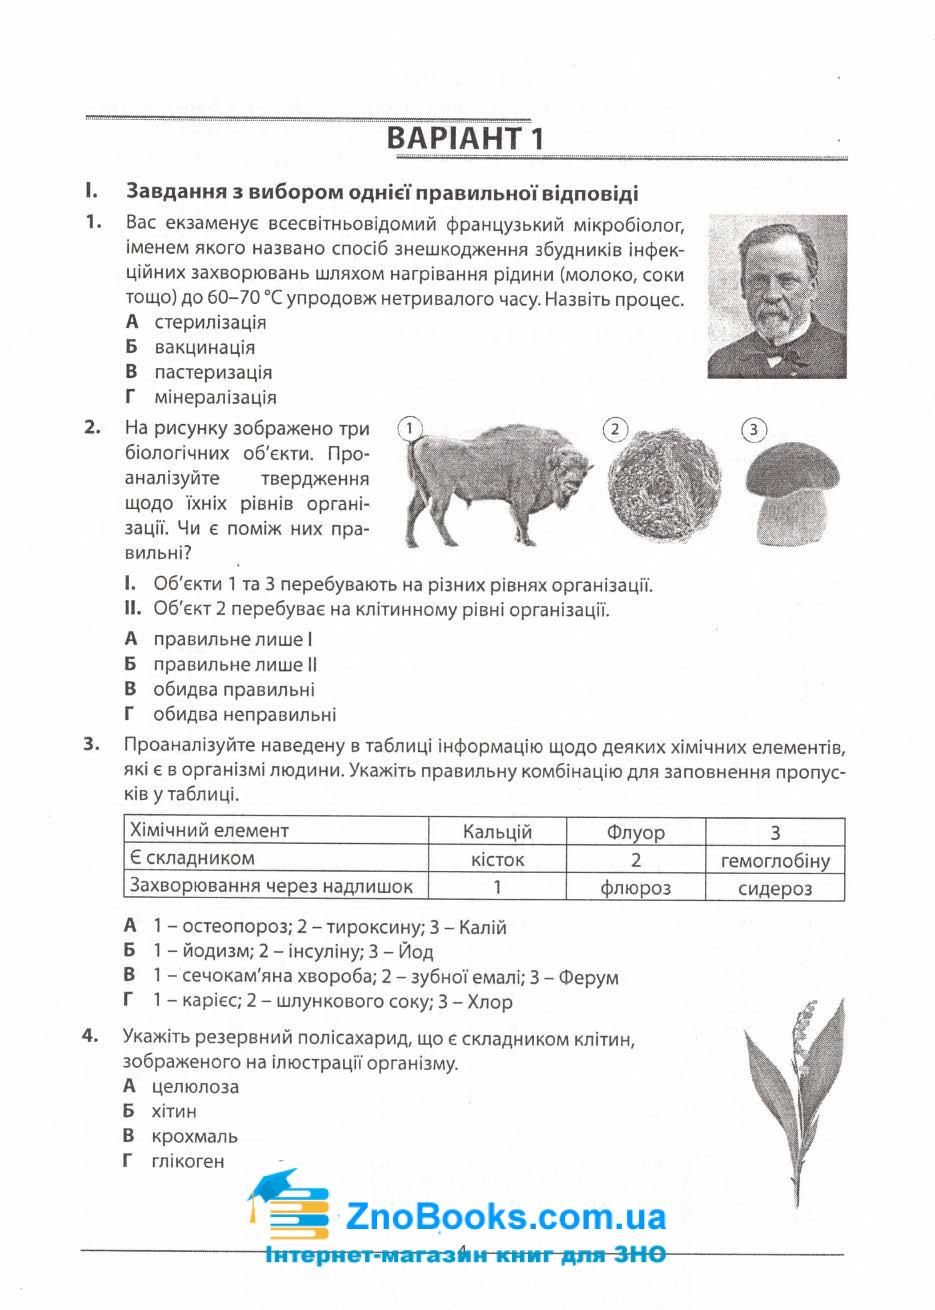 Соболь В. Біологія ЗНО 2022. 20 варіантів тренувальних тестових завдань : видавництво Абетка. купити 4